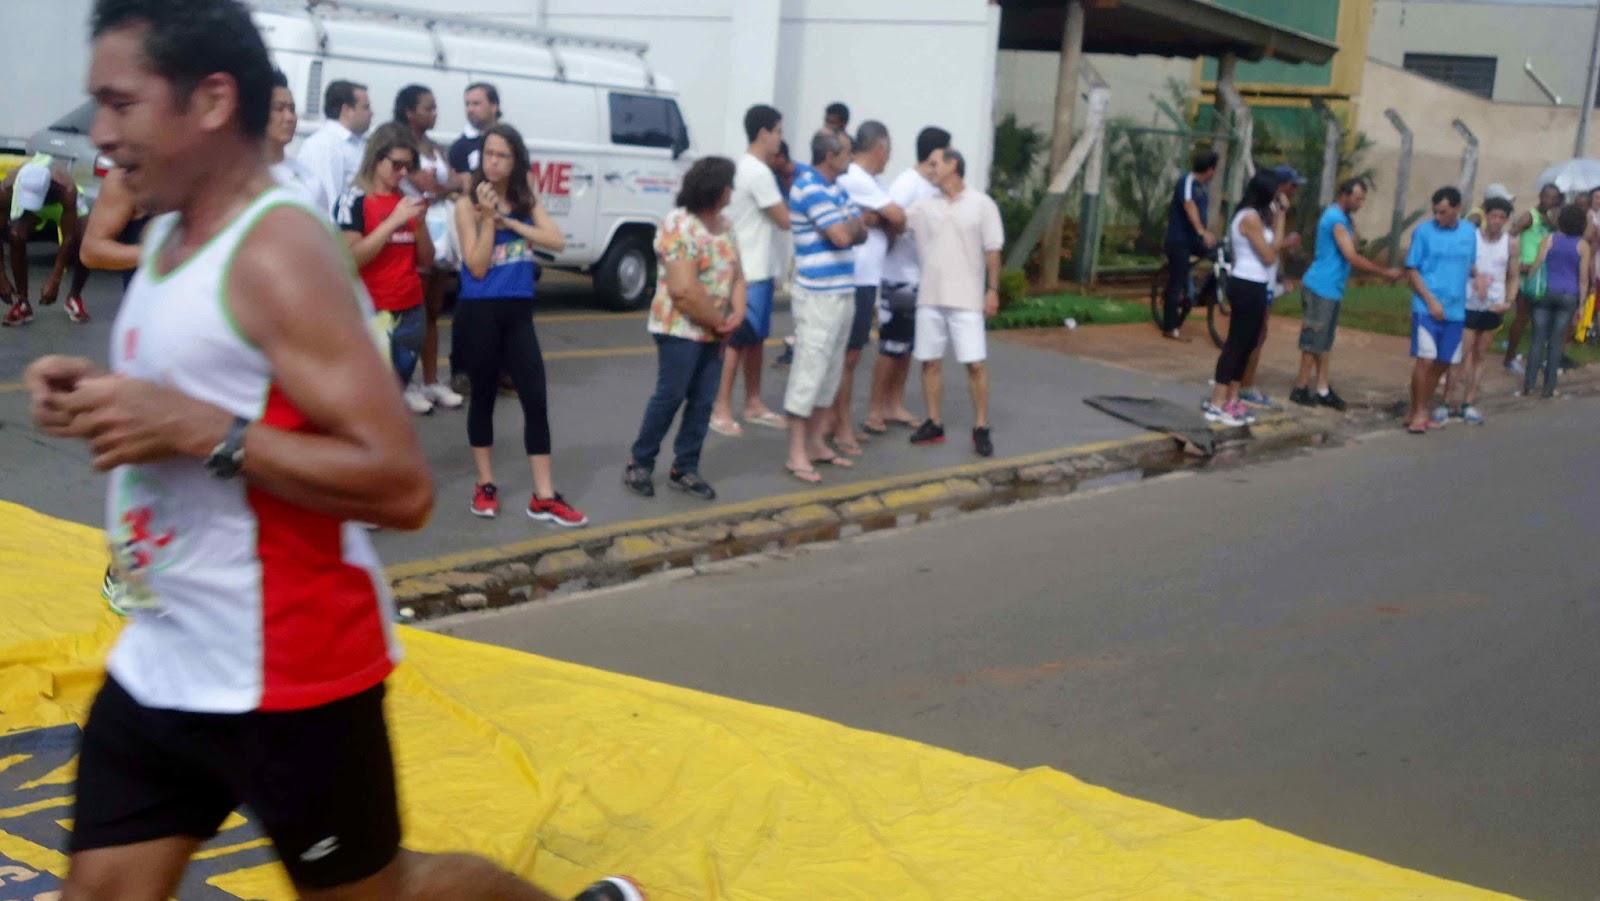 Foto 155 da 1ª Corrida Av. dos Coqueiros em Barretos-SP 14/04/2013 – Atletas cruzando a linha de chegada